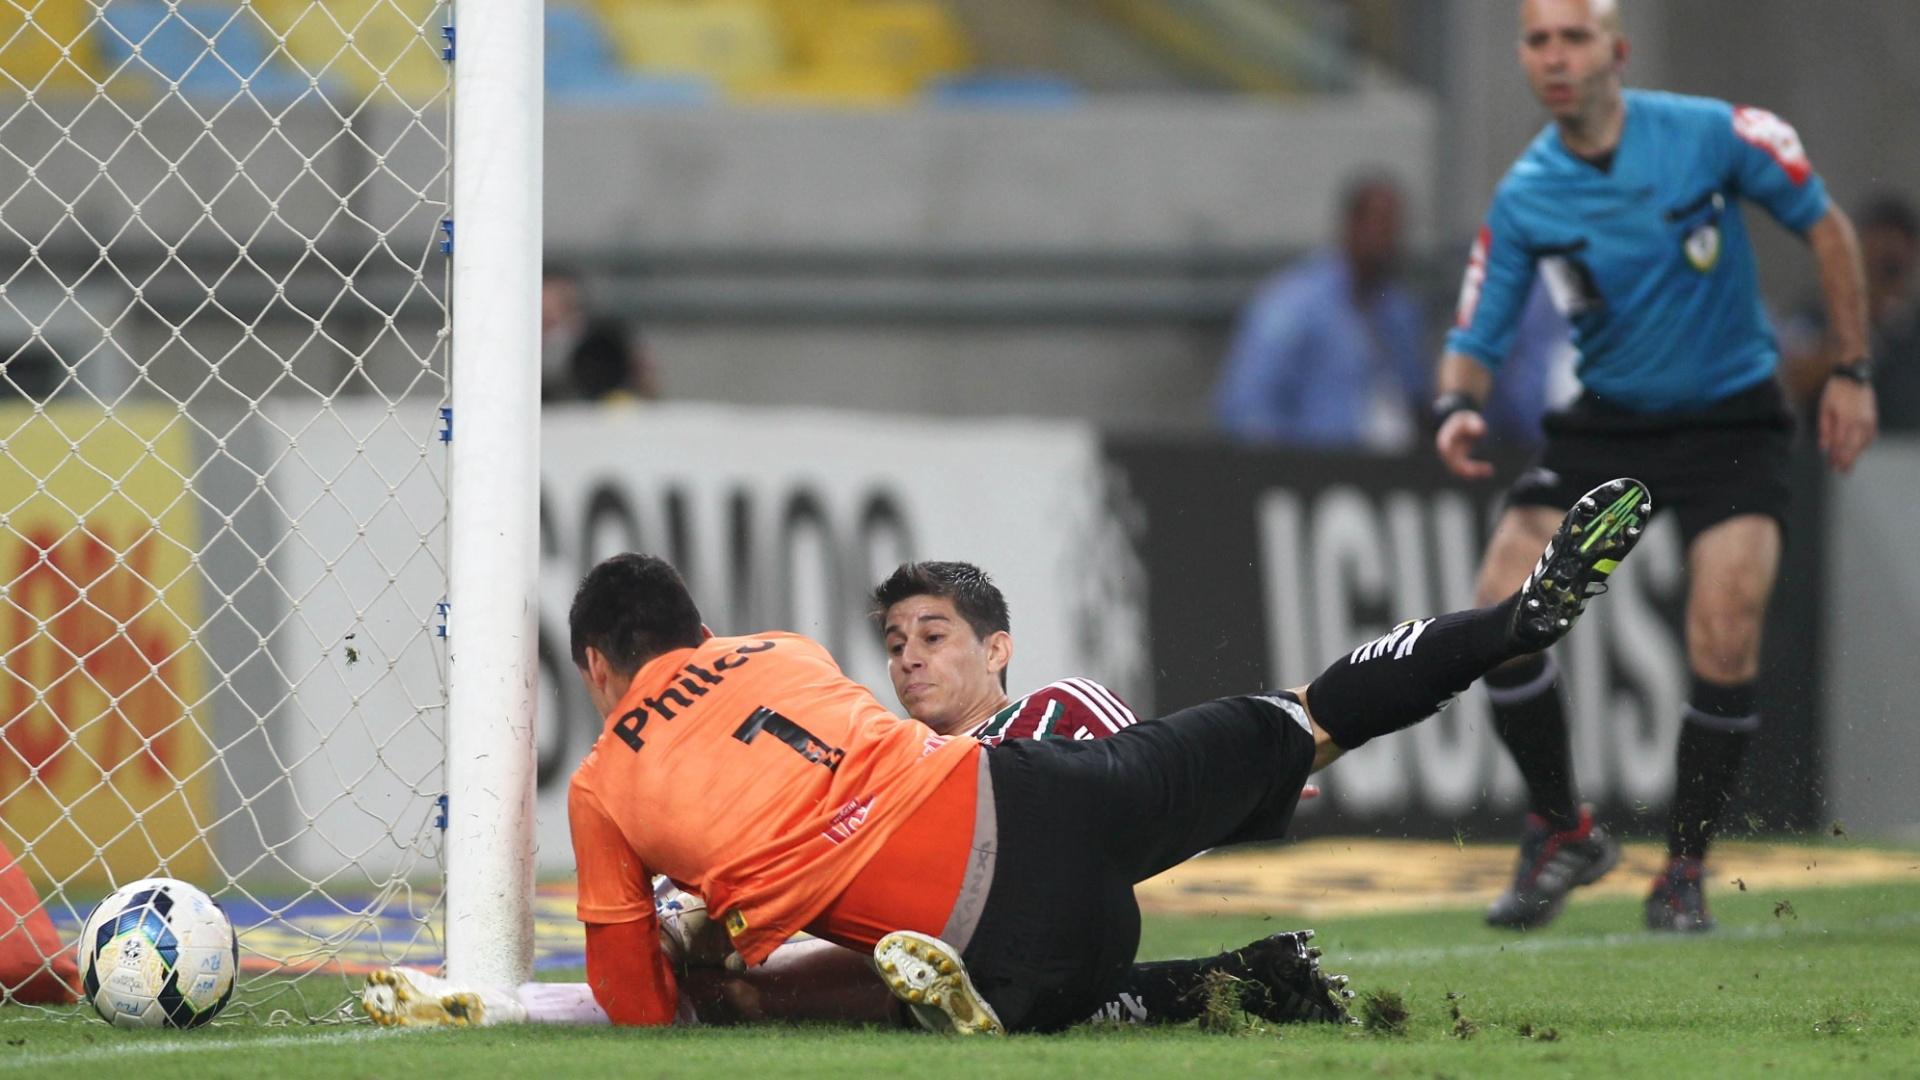 Conca divide com o goleiro Bruno para marcar